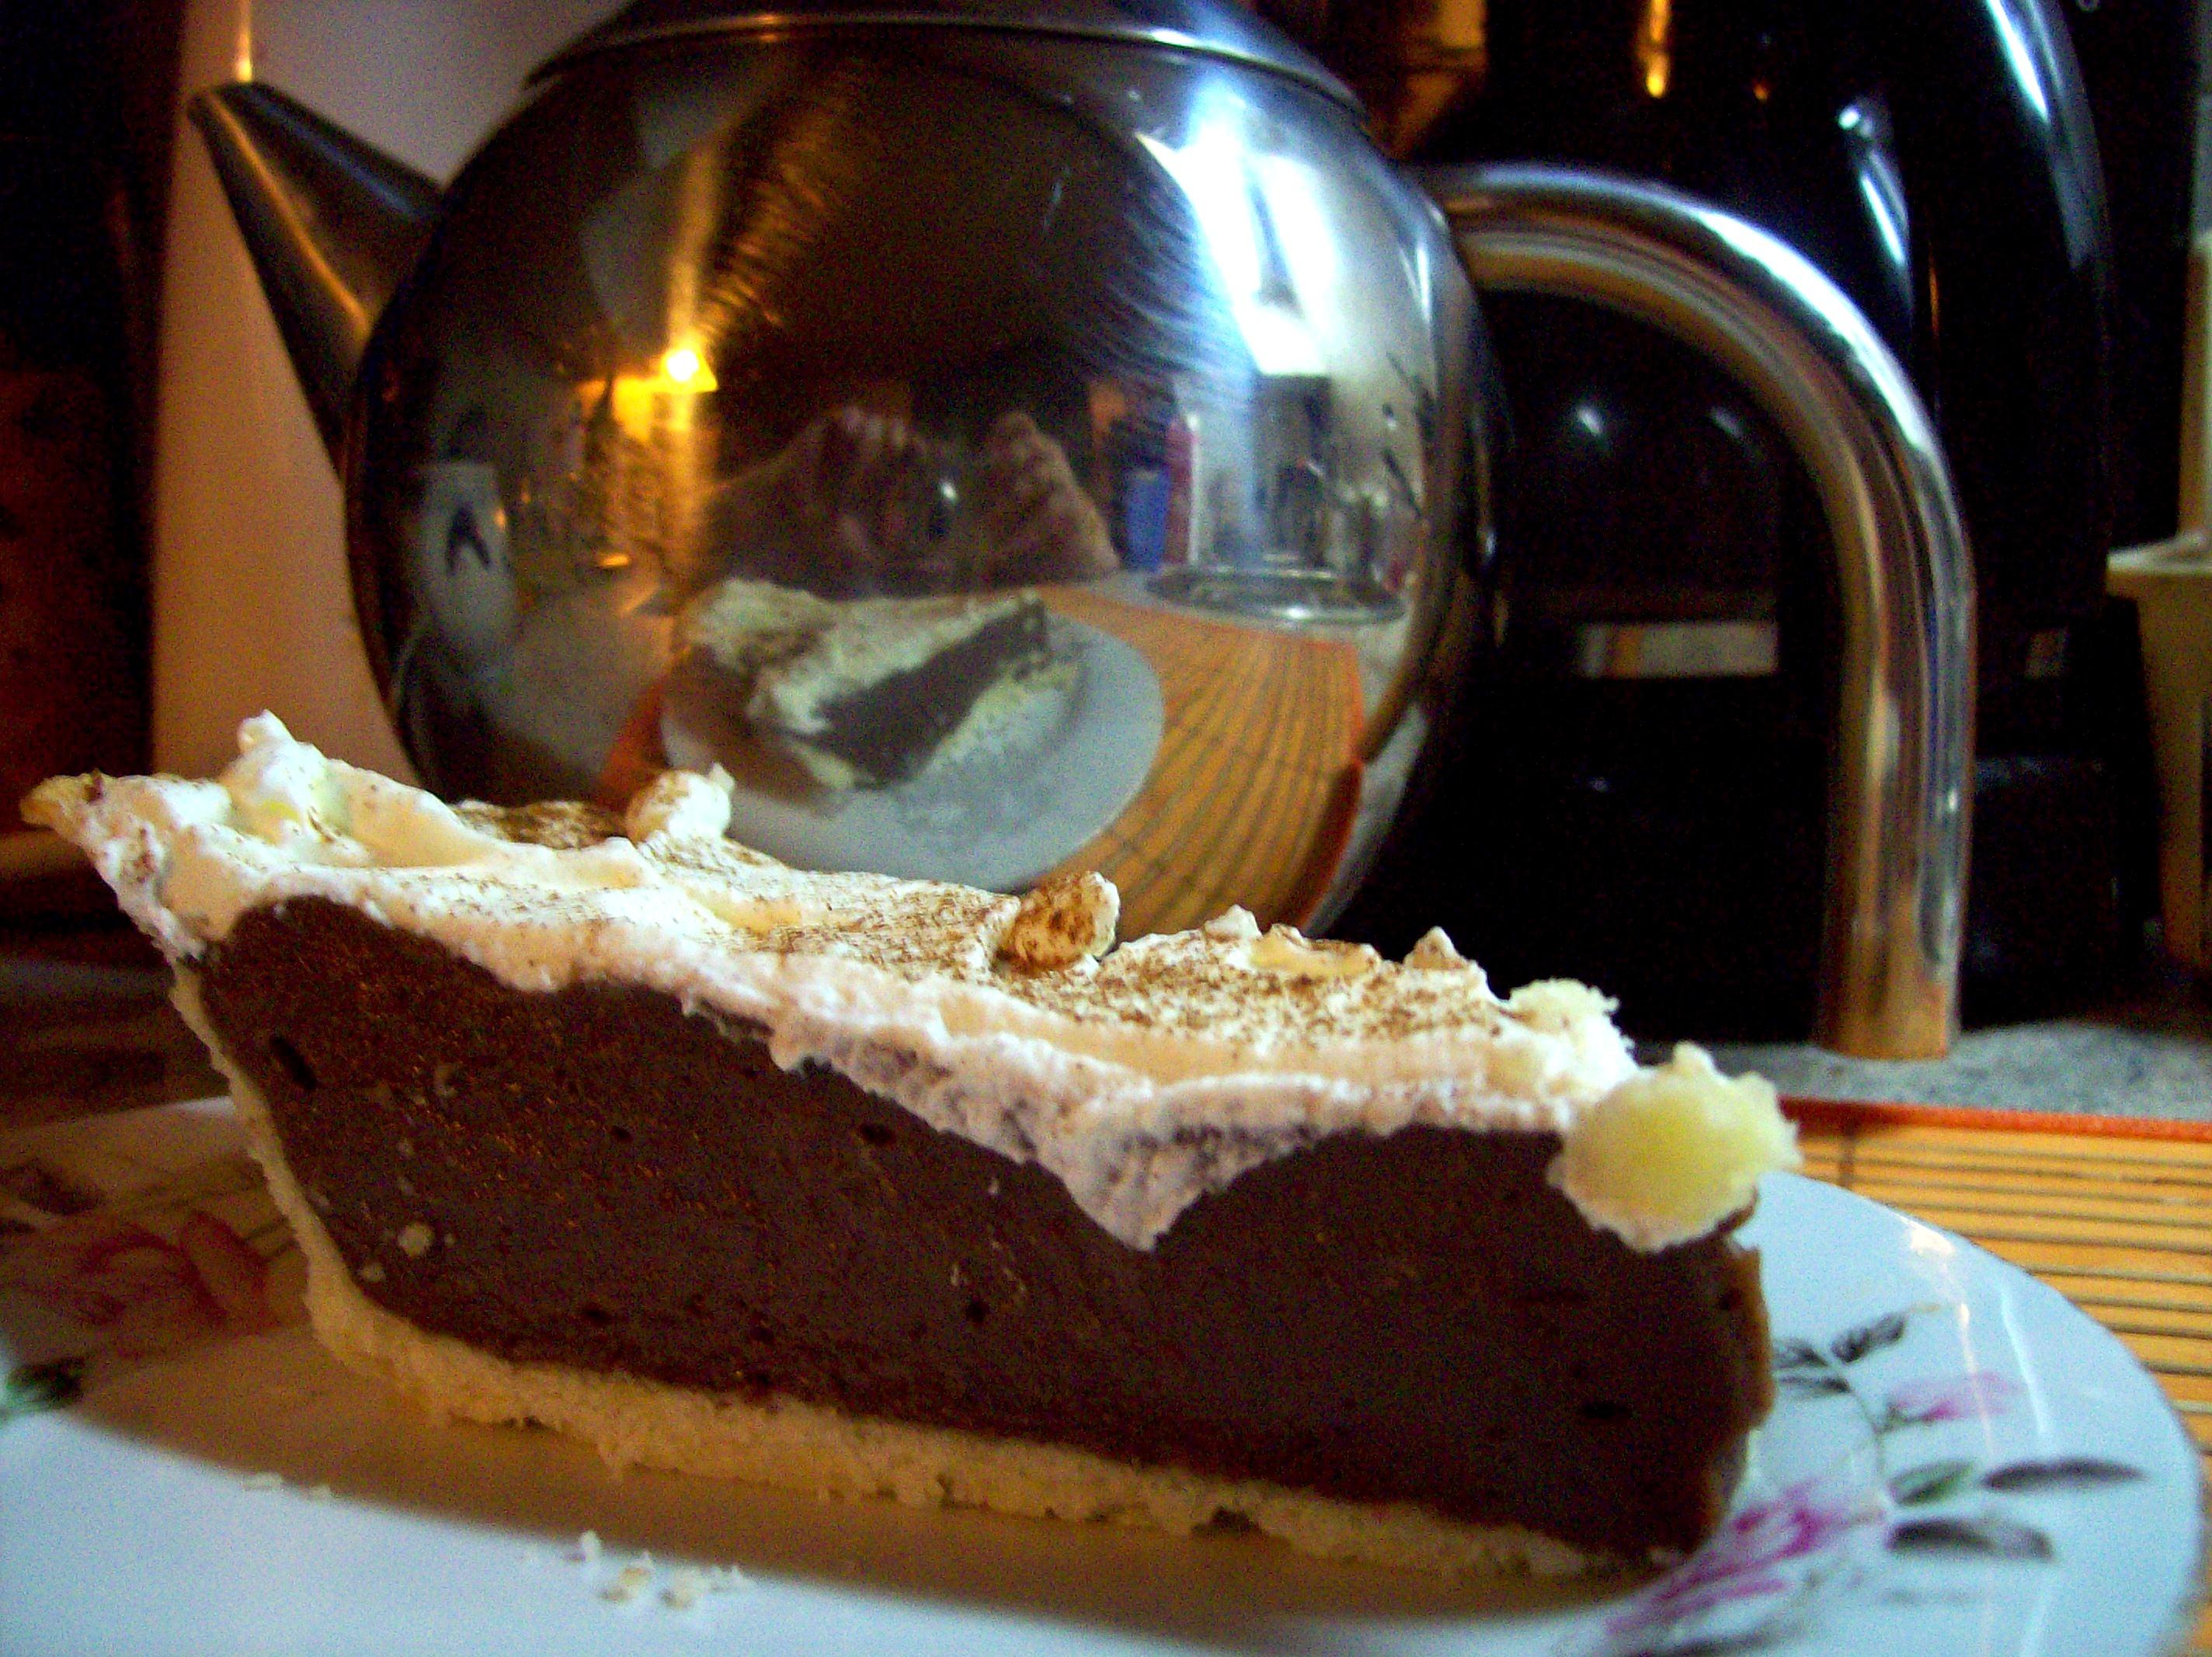 Hershey's Hotel Chocolate Cream Pie